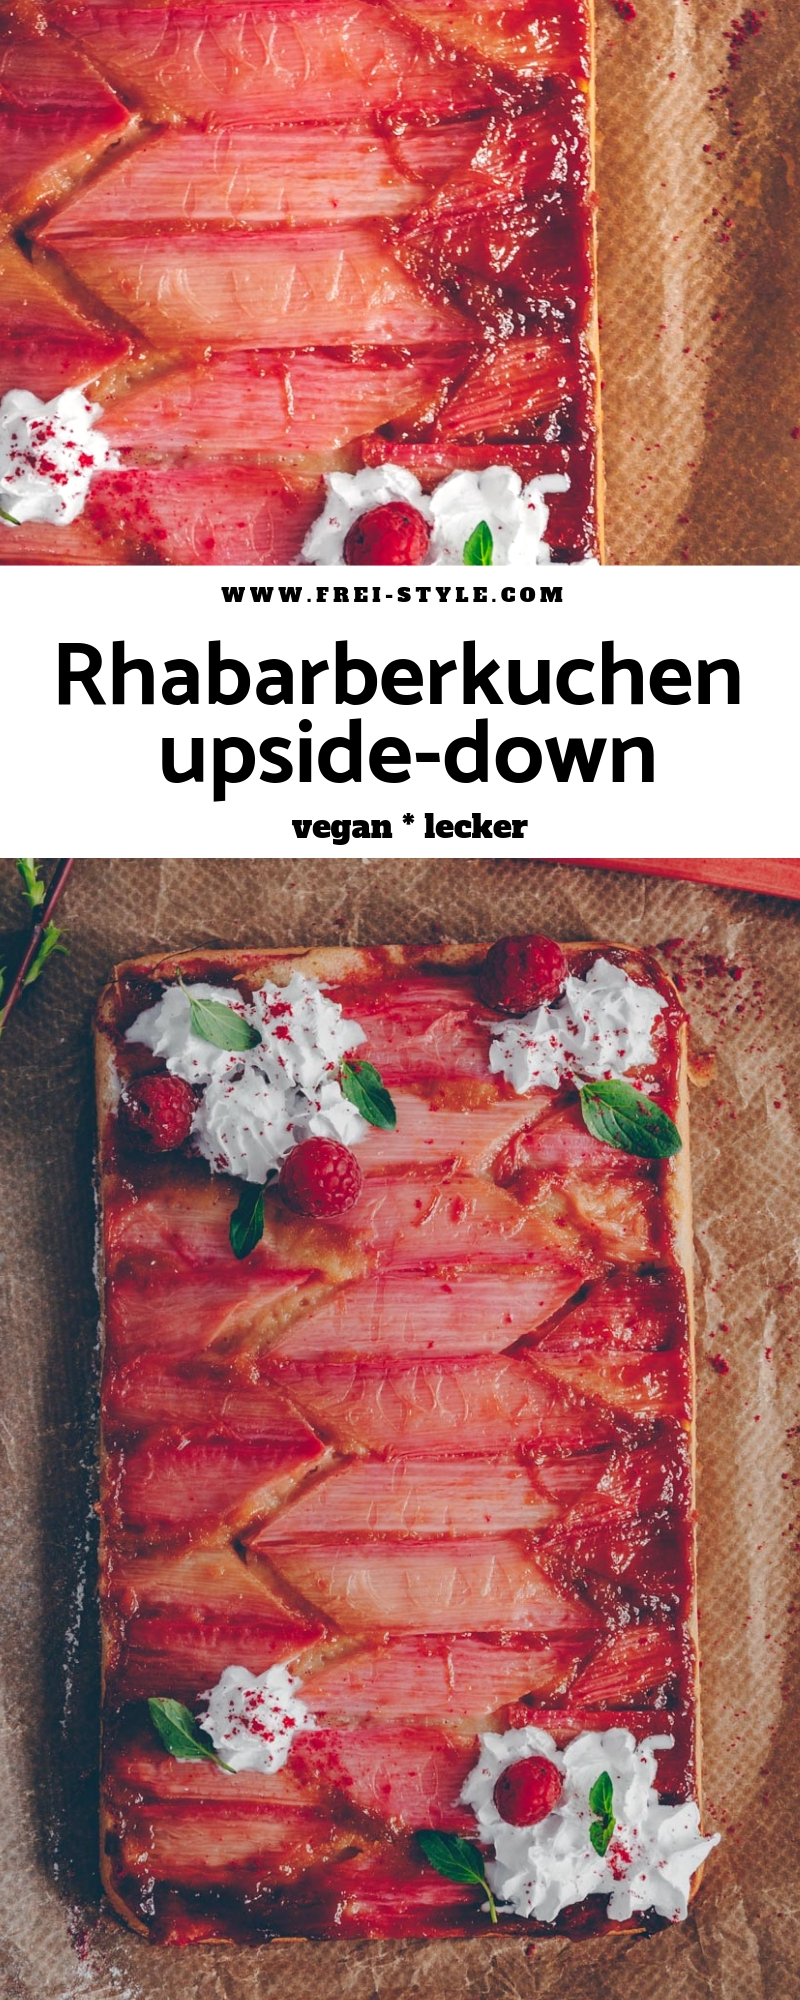 Rhabarberkuchen upside-down